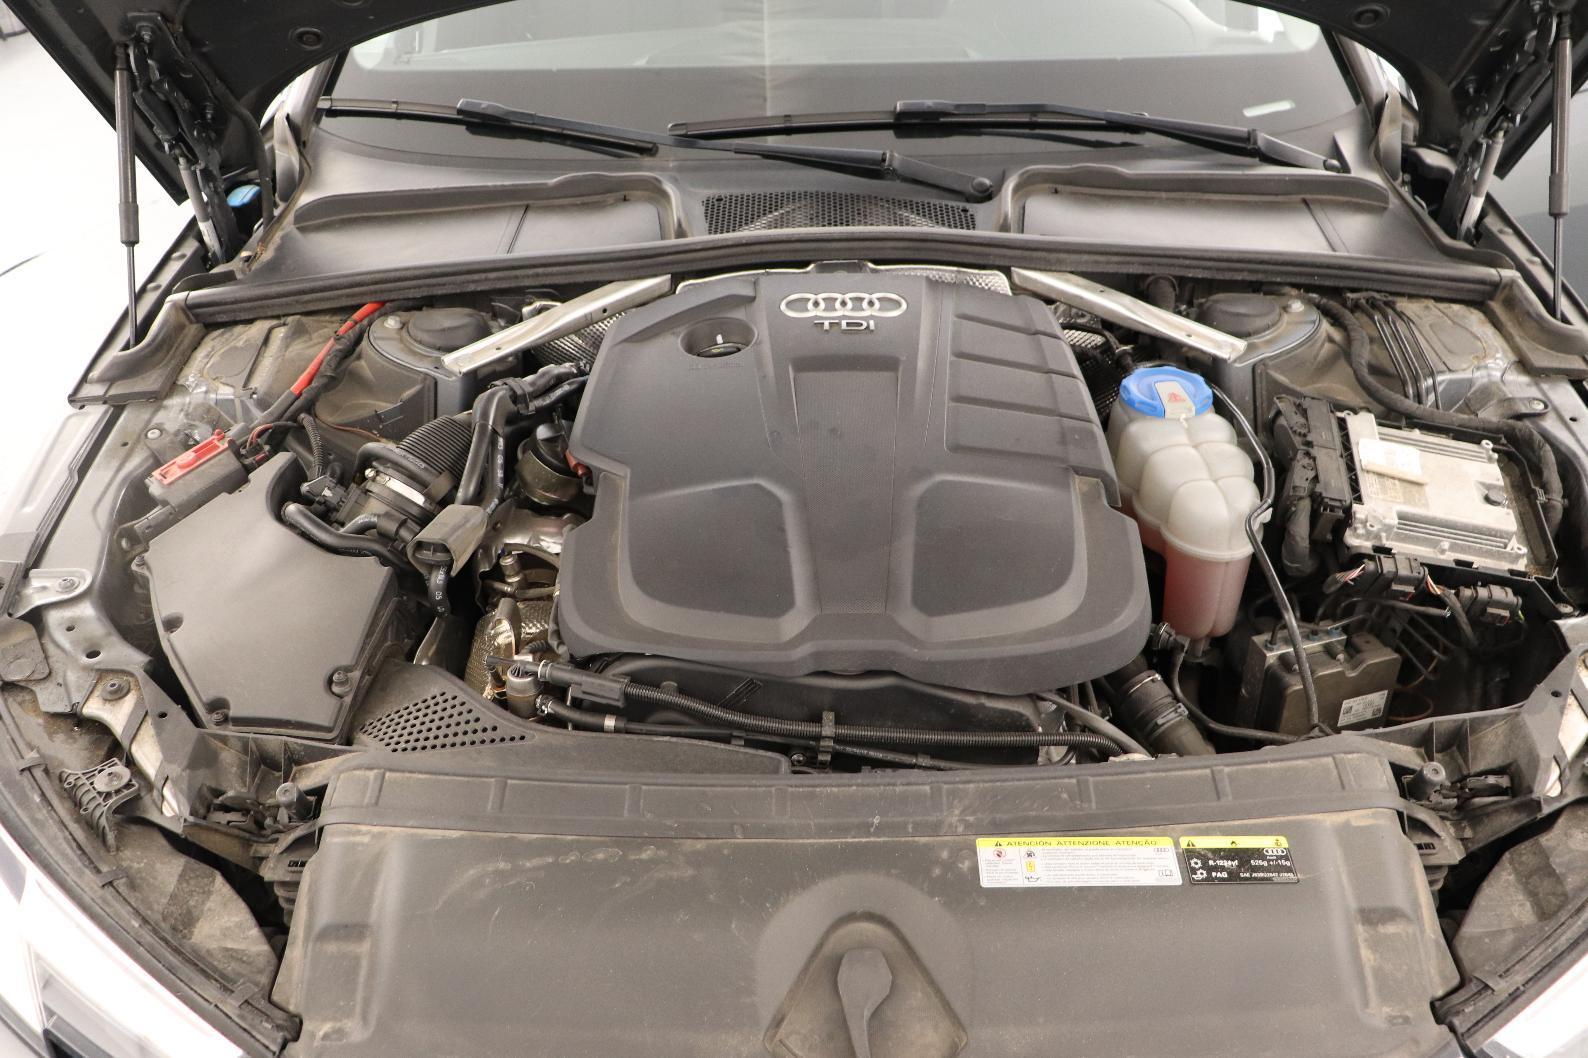 AUDI A4 AVANT A4 Avant 2.0 TDI ultra 150 S tronic 7 Design